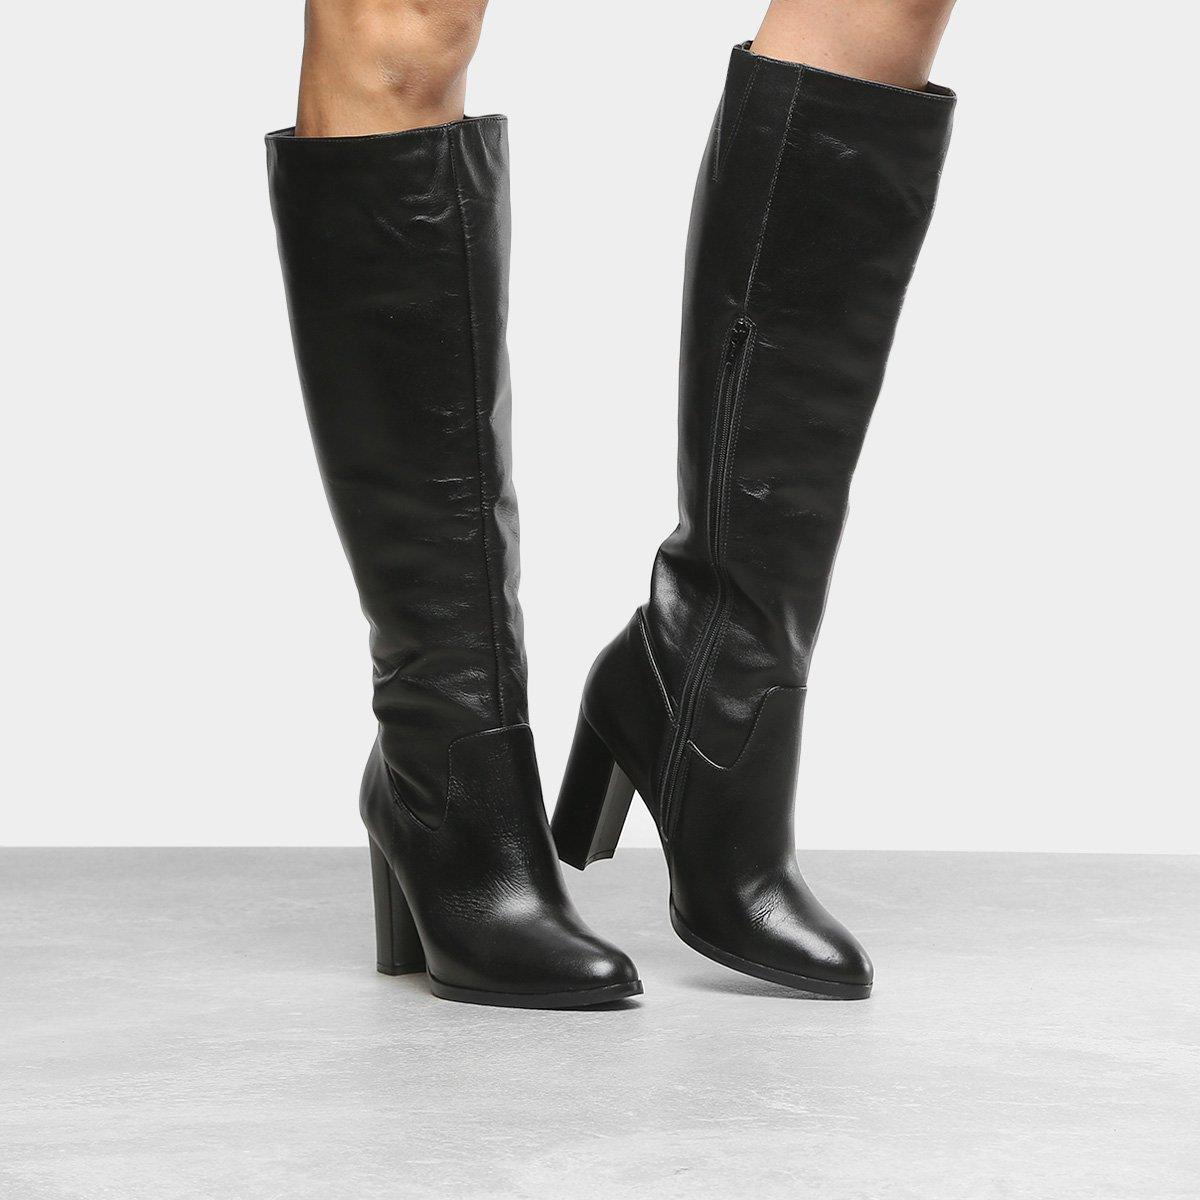 28ce2e543 Bota Couro Cano Longo Shoestock Salto Grosso Feminina - Compre Agora ...